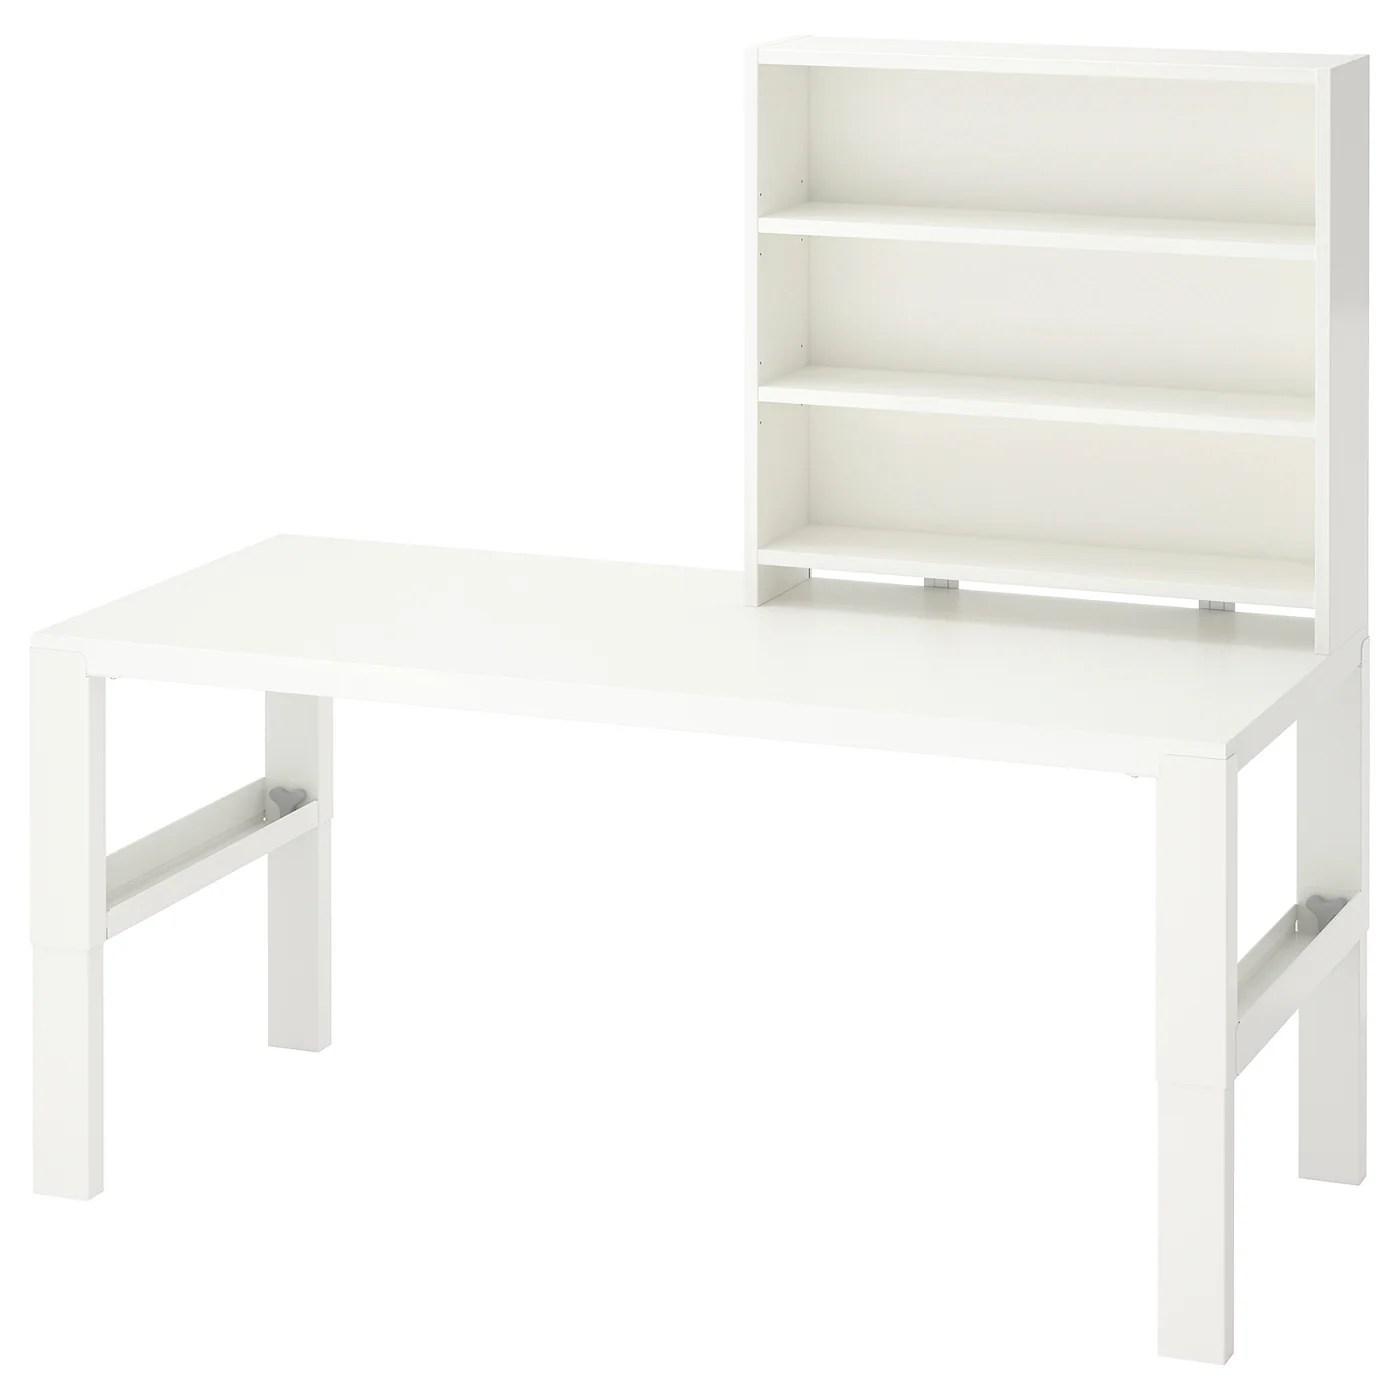 Alibaba.com offre prodotti 1606 scrivania computer ikea. Desks Computer Desks Affordable Modern Ikea